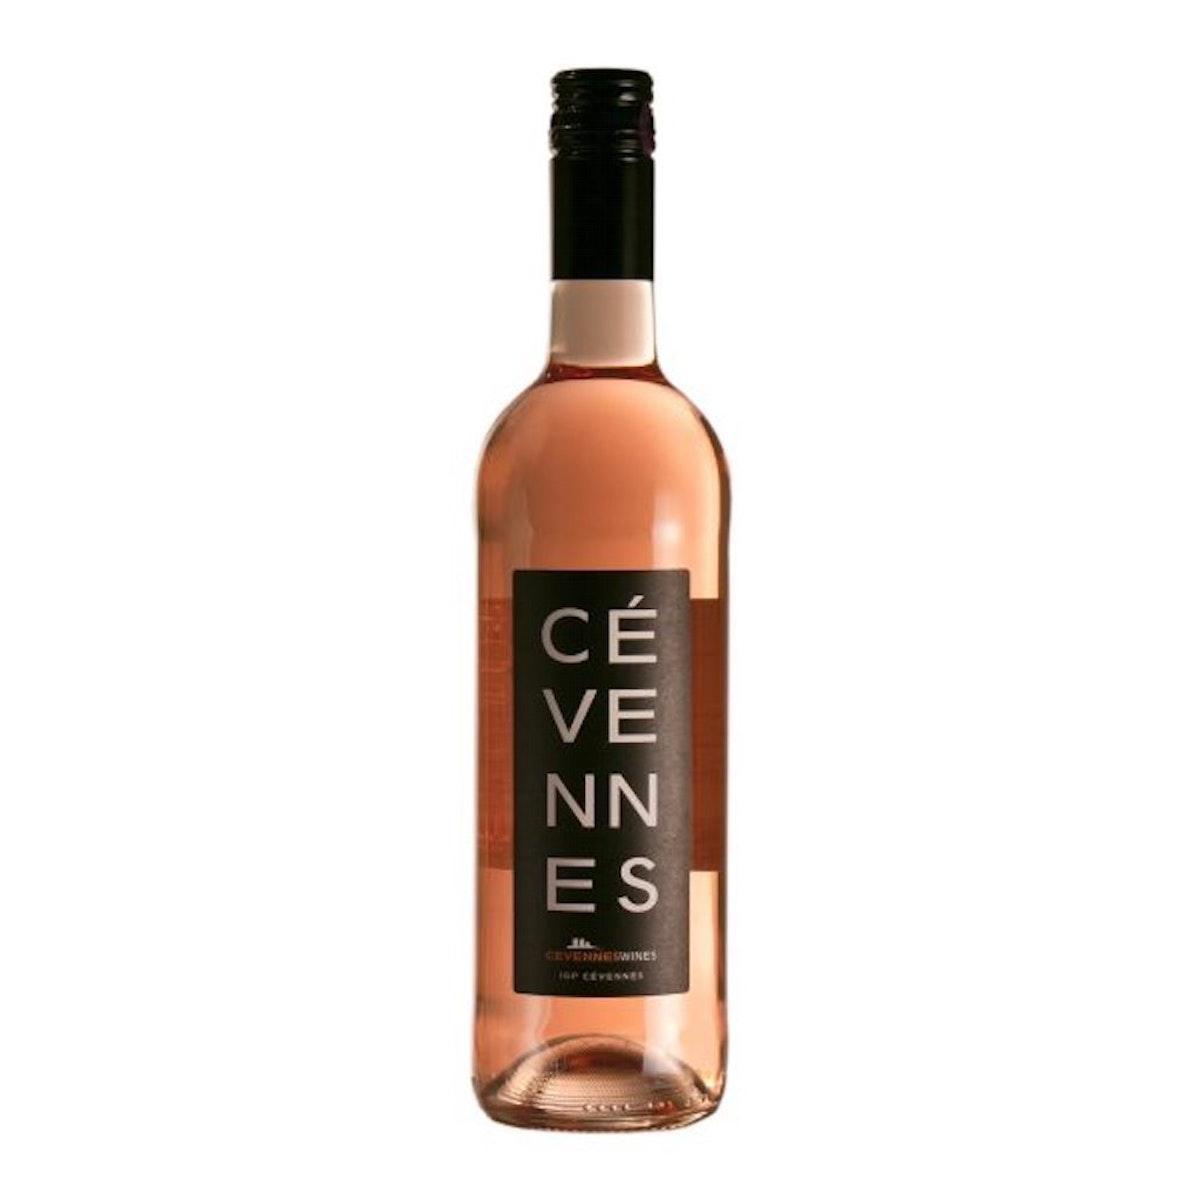 Cevennes Grenache Rosé, 2020